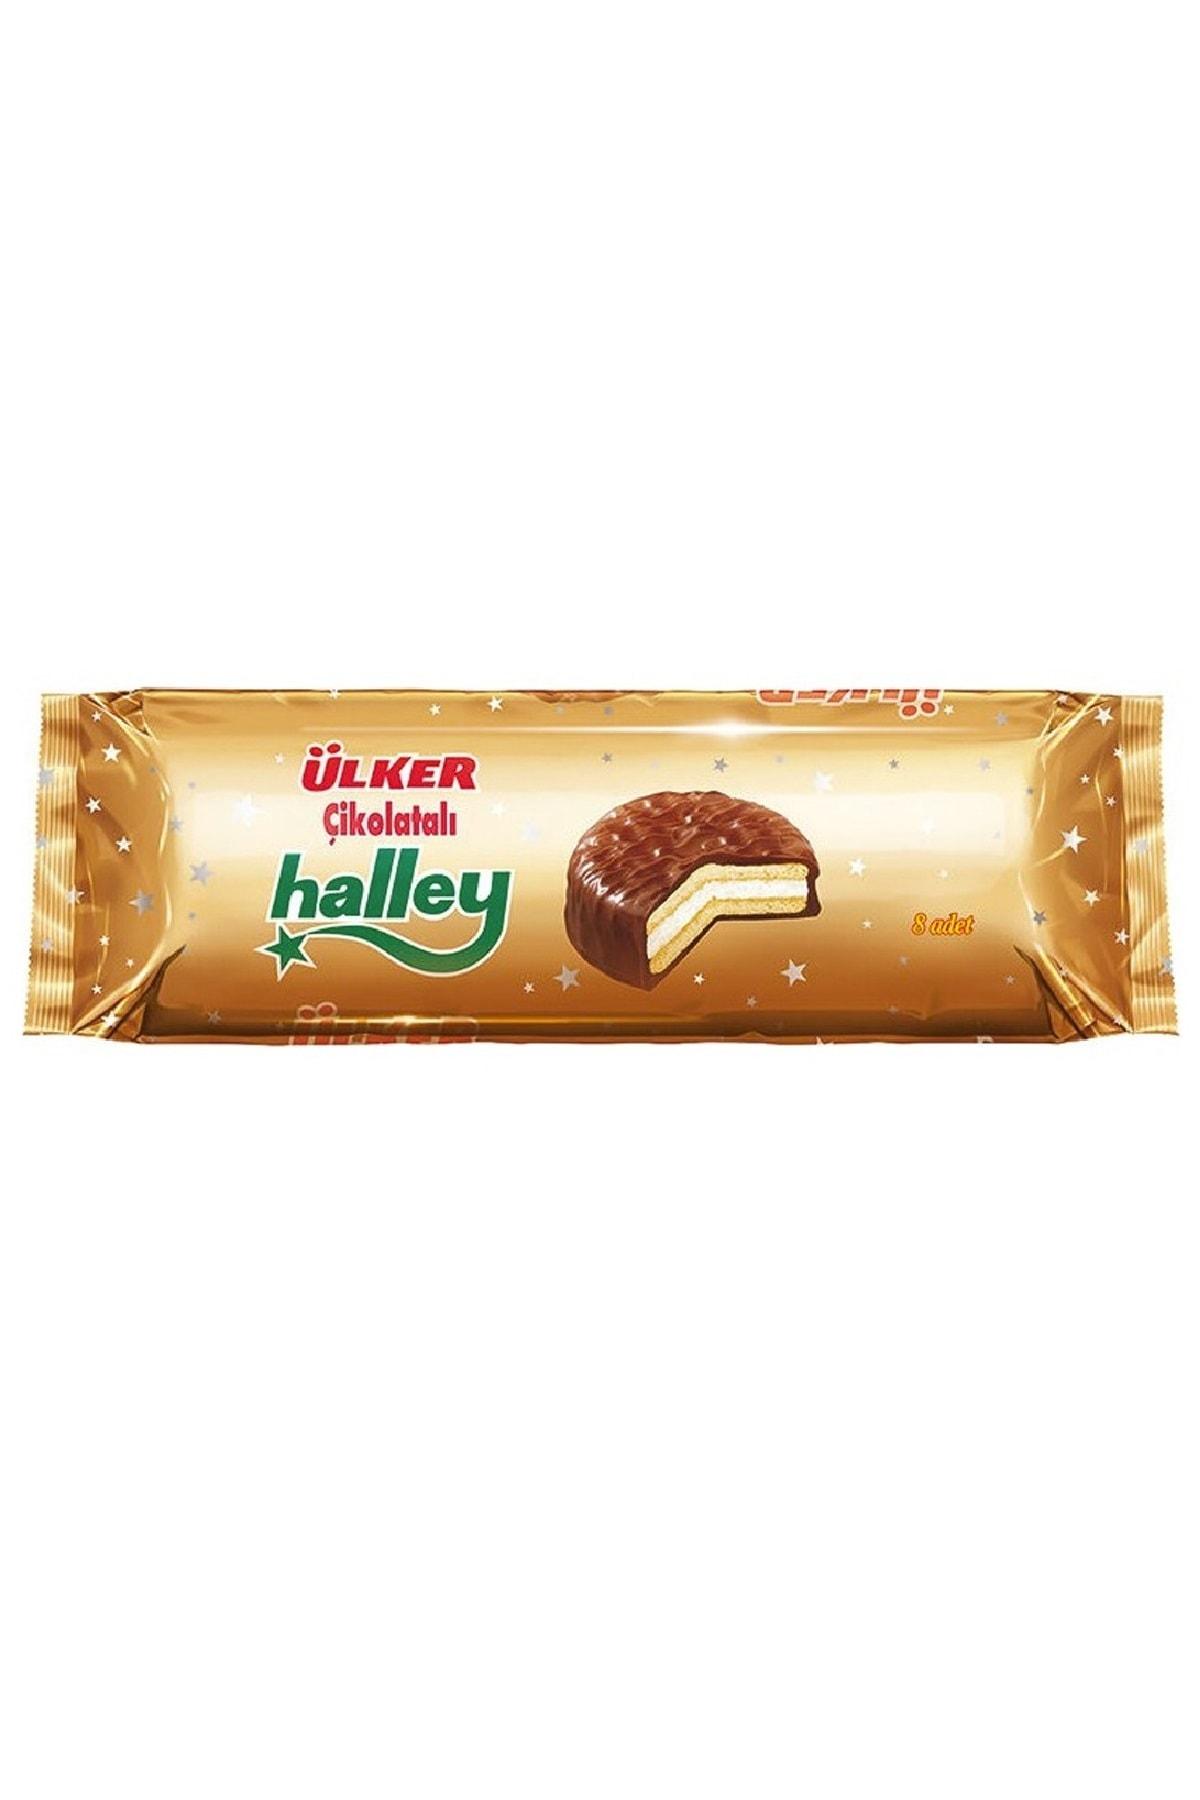 Ülker Halley Çikolatalı 8'li 30 gr 1